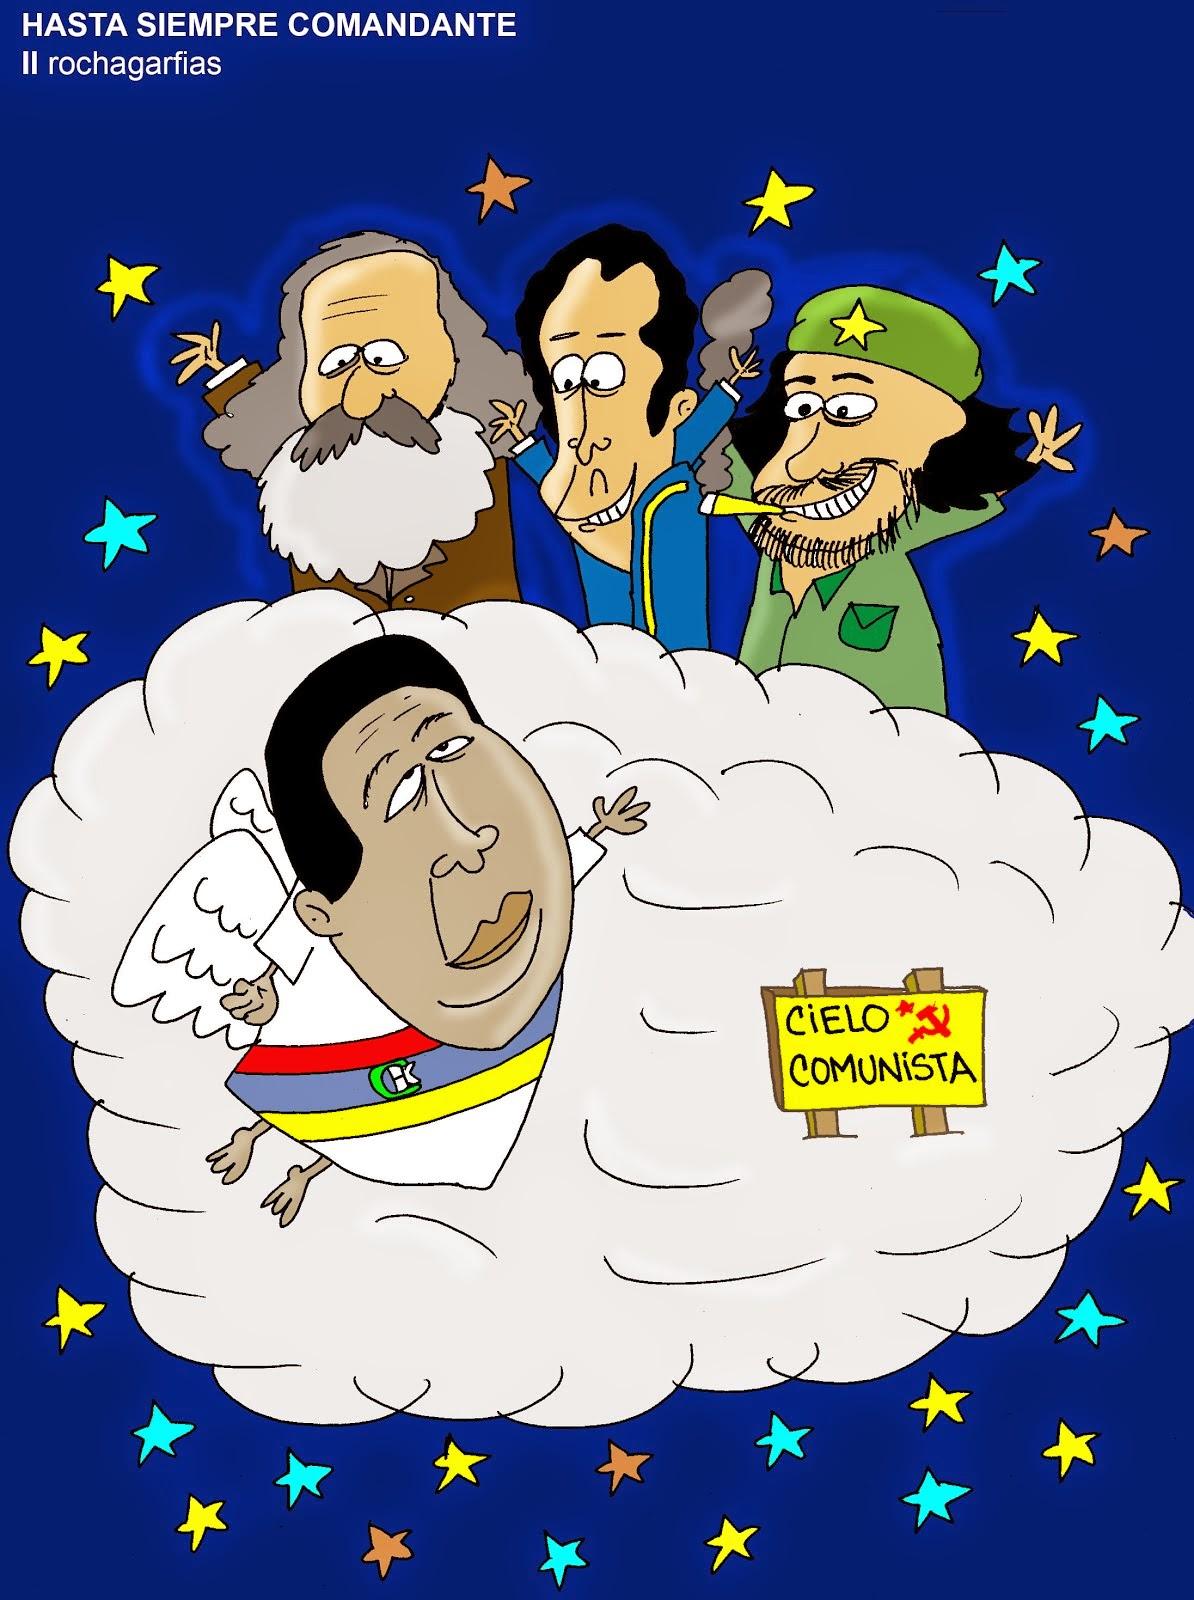 Hasta siempre Comandante Chávez.